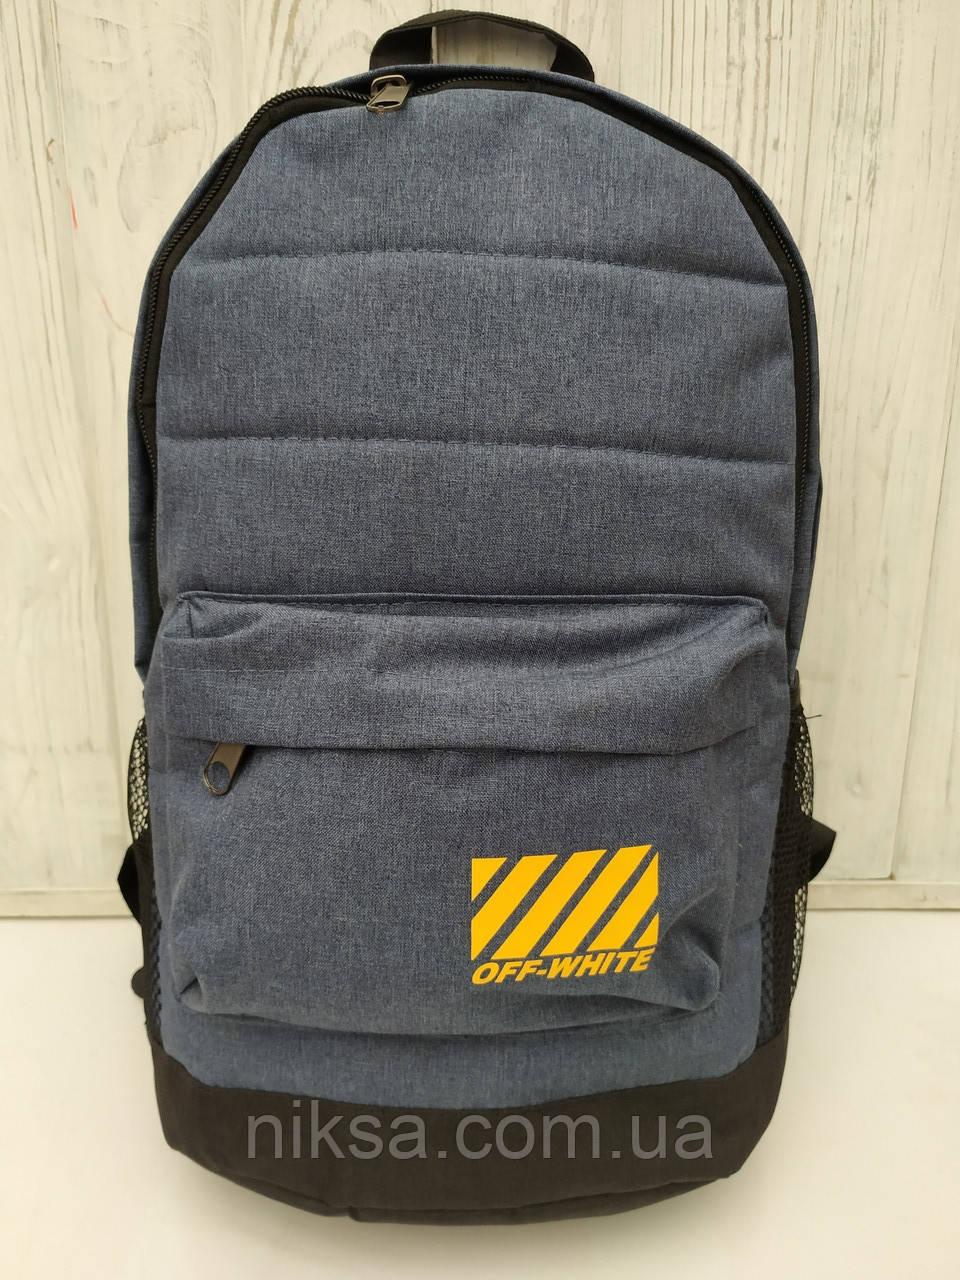 Рюкзак городской стильный OFF-WHITE размер 27x37x13 серый